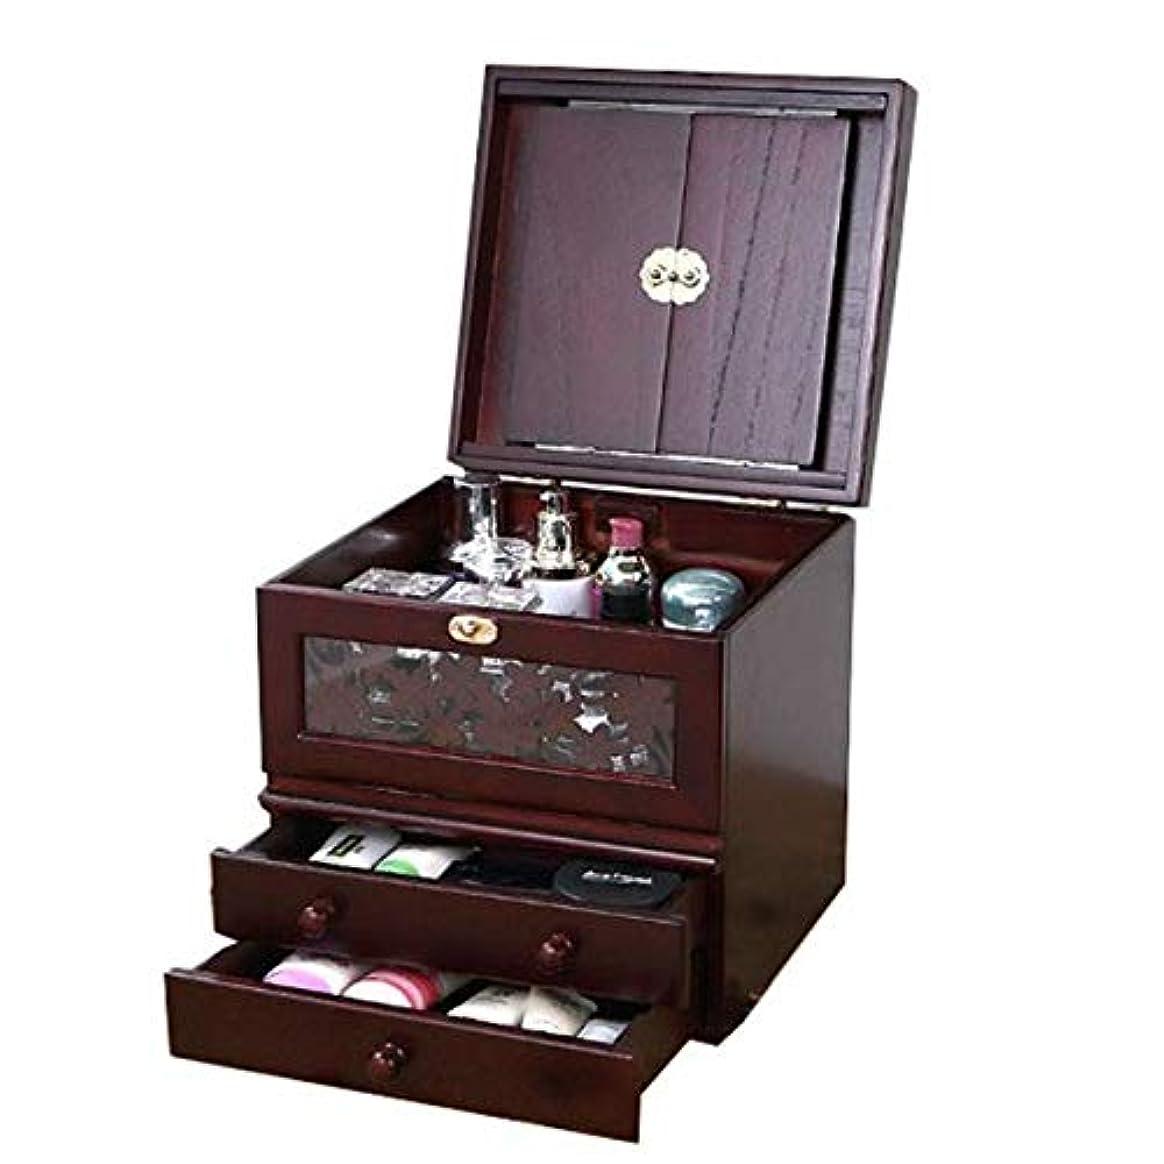 合わせてあなたは戦略化粧箱、ミラー付きヴィンテージ木製化粧品ケースの3層、ハイエンドの結婚祝い、新築祝いのギフト、美容ネイルジュエリー収納ボックス